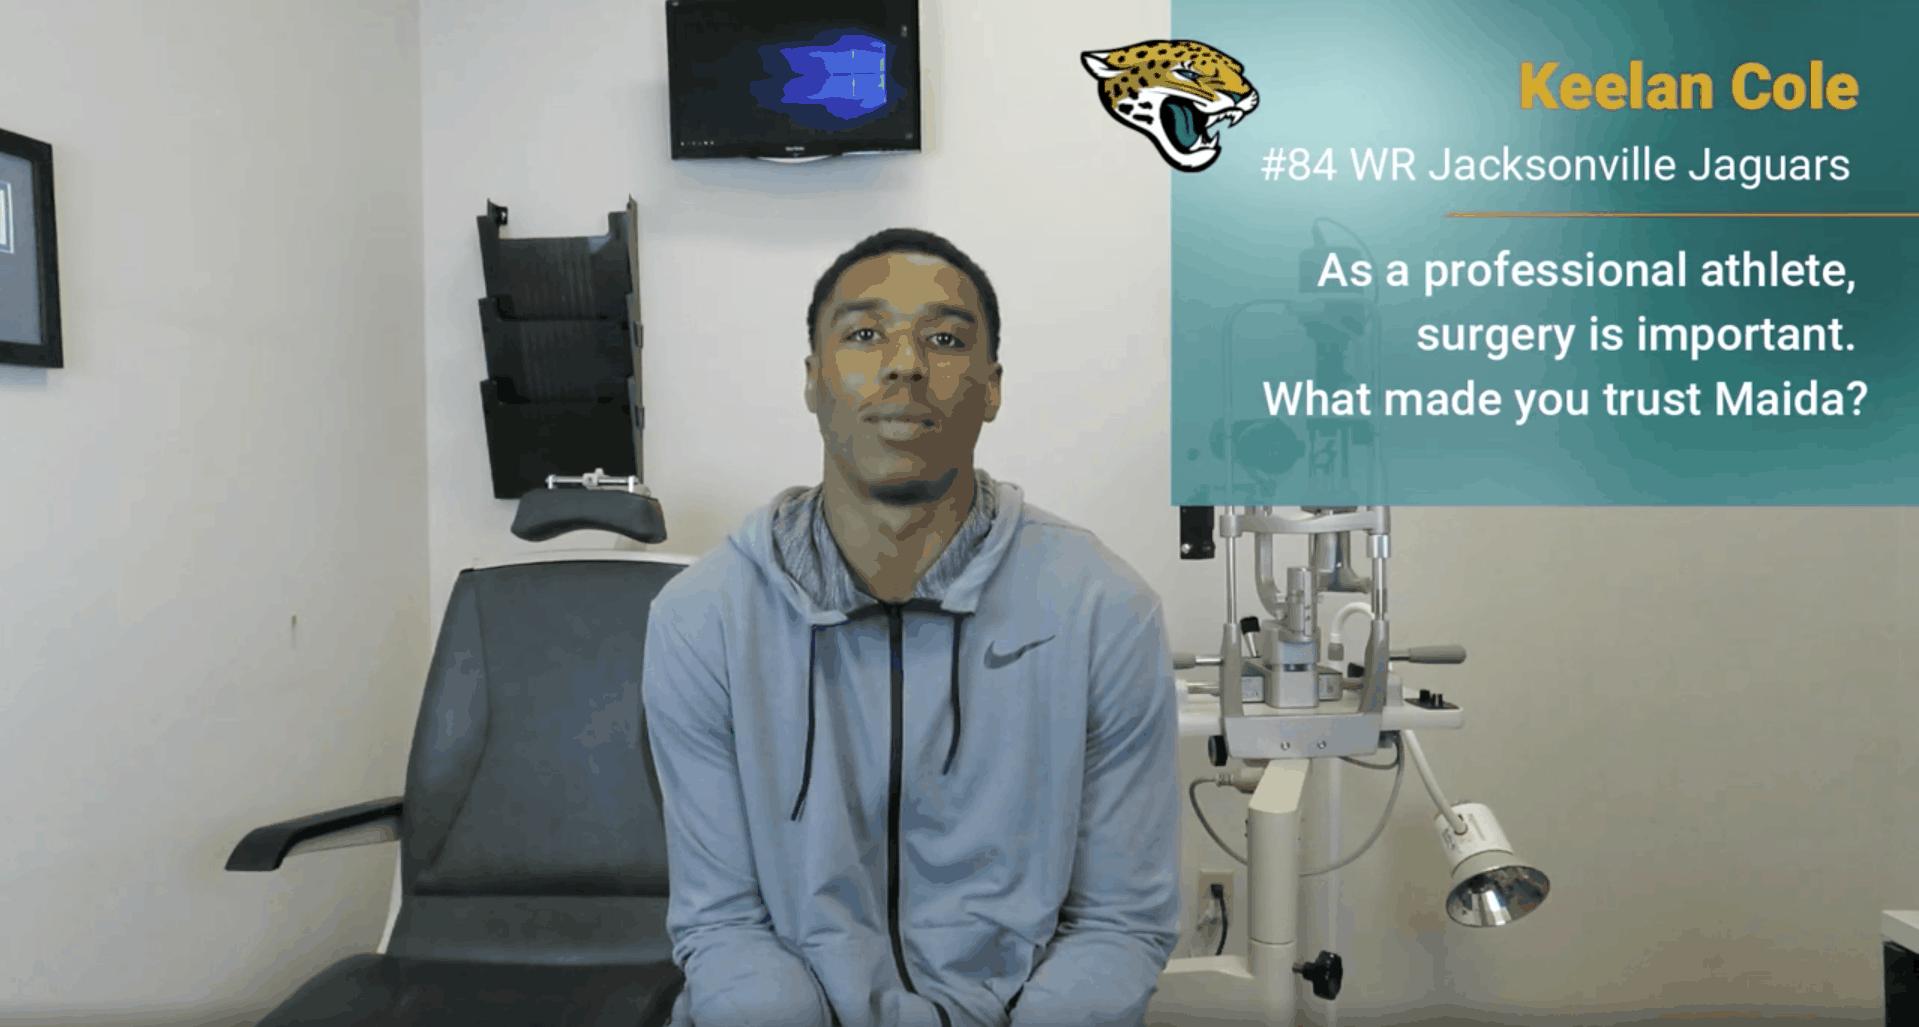 Jacksonville Jaguars Keelan Cole Maida LASIK Testimonial